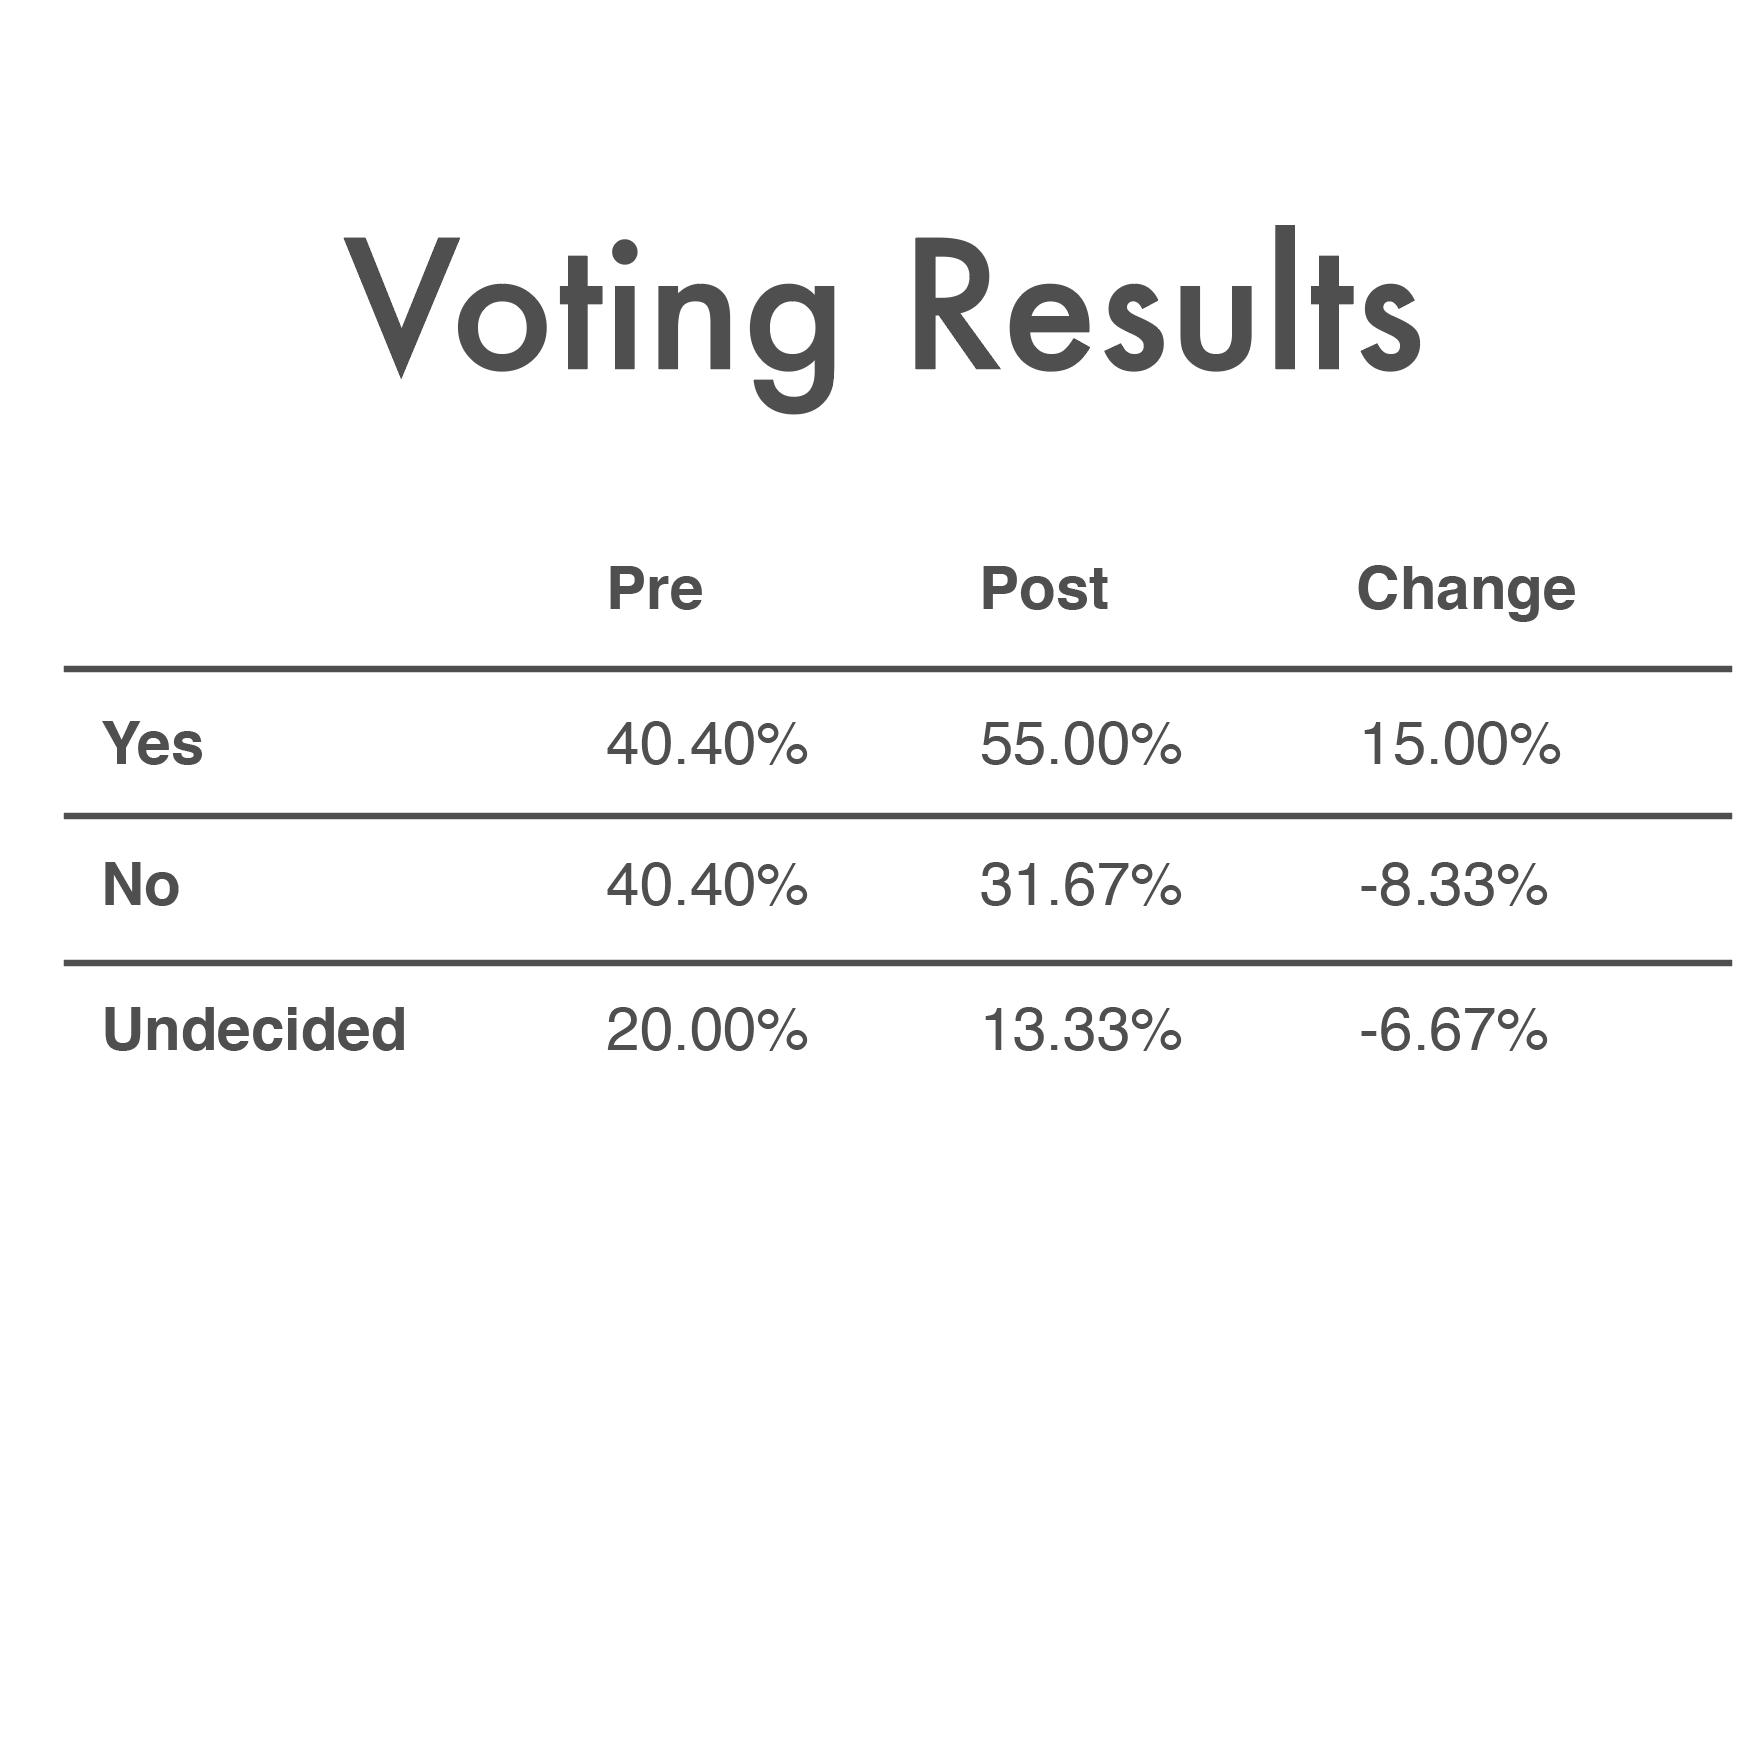 Erik_Voorhees_vs_Peter_Schiff_Voting_Results.png